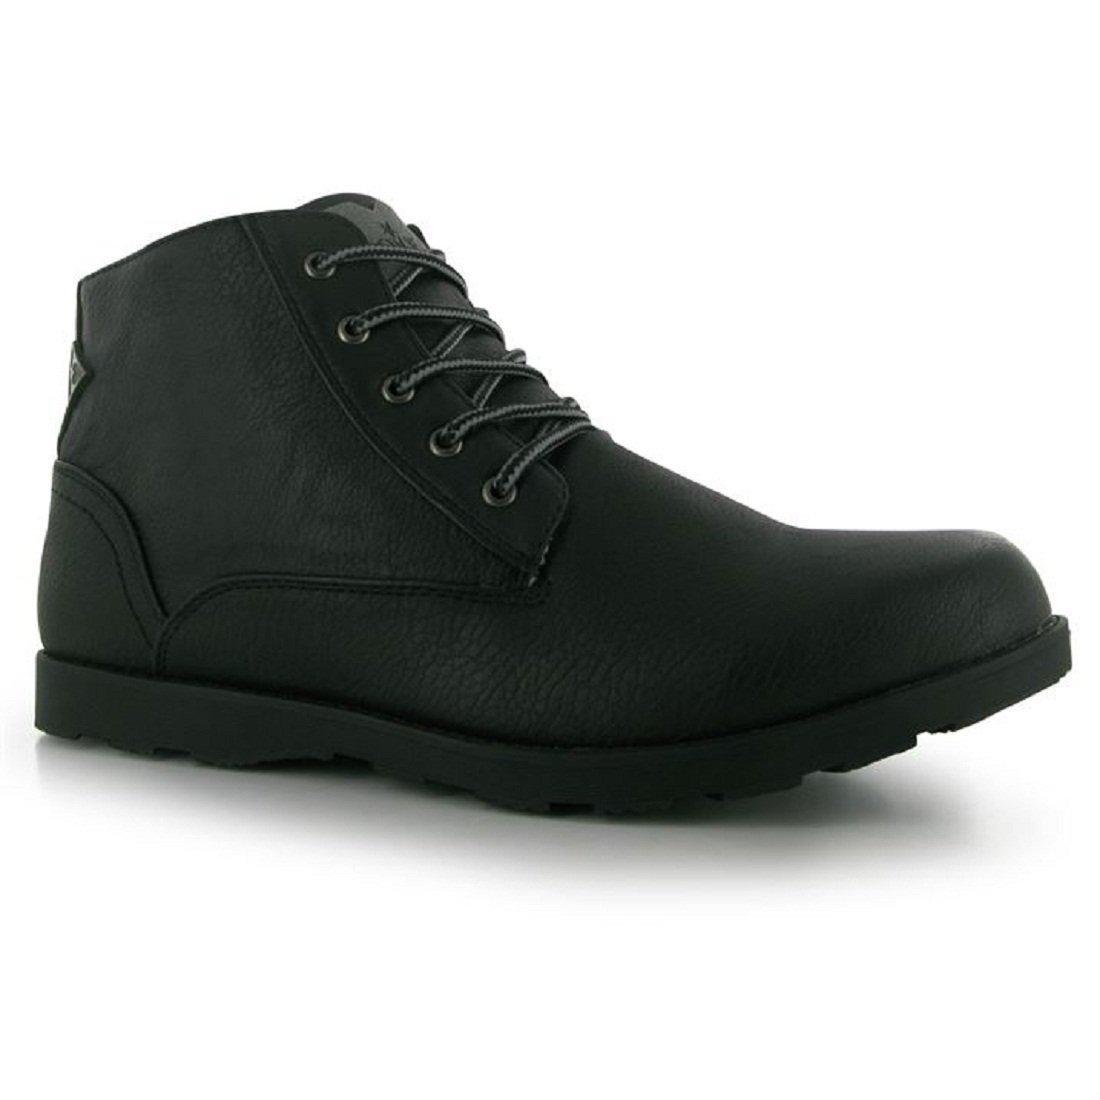 Mens Soviet Remix Boots Shoes Black (UK 10 / US 10.5)